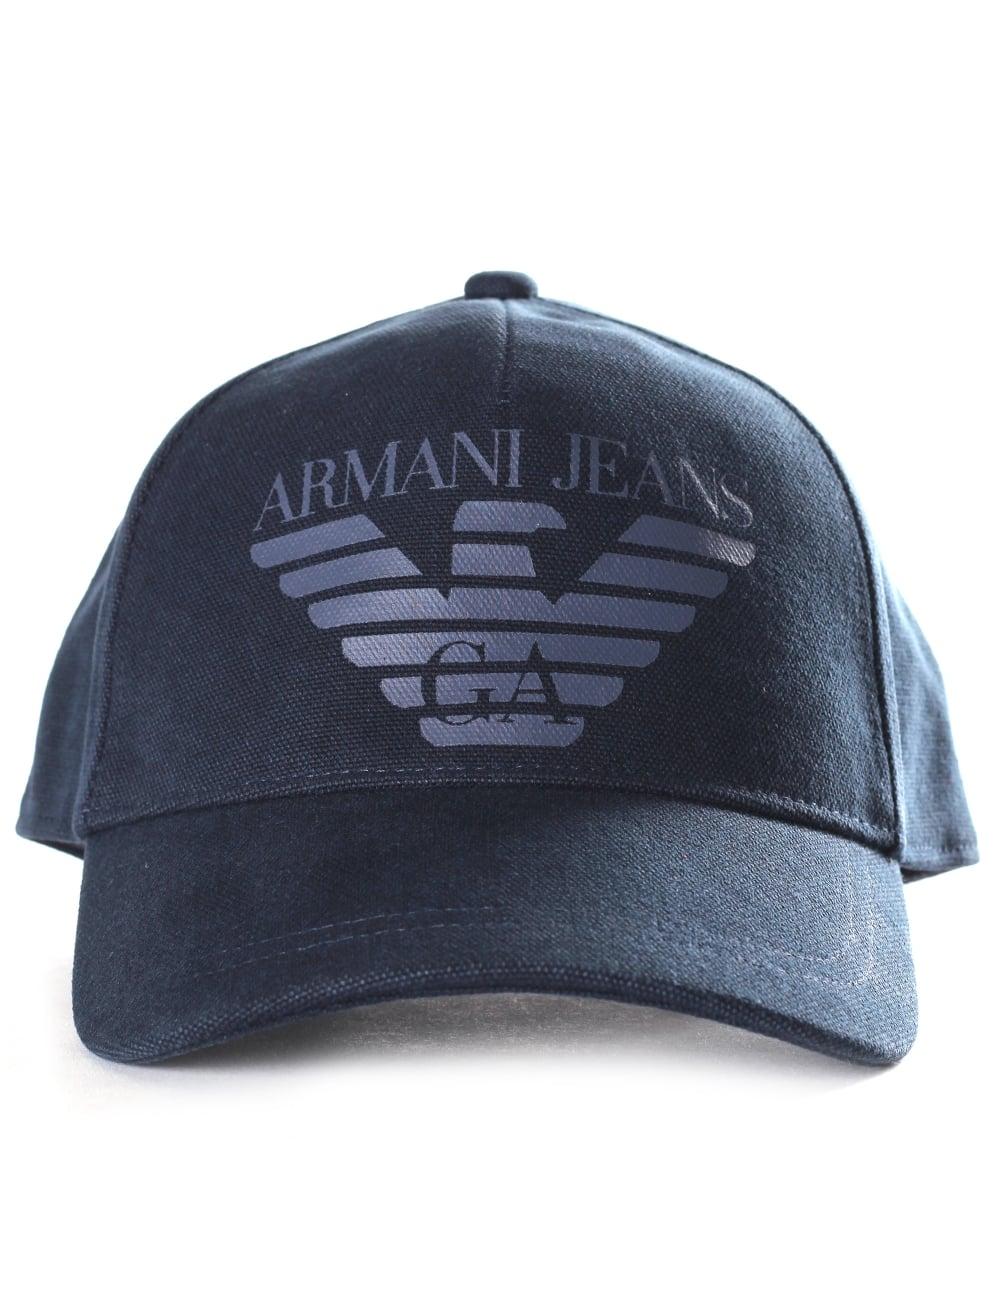 b9eca0a0e85627 Armani Jeans Men's Eagle Logo Baseball Cap